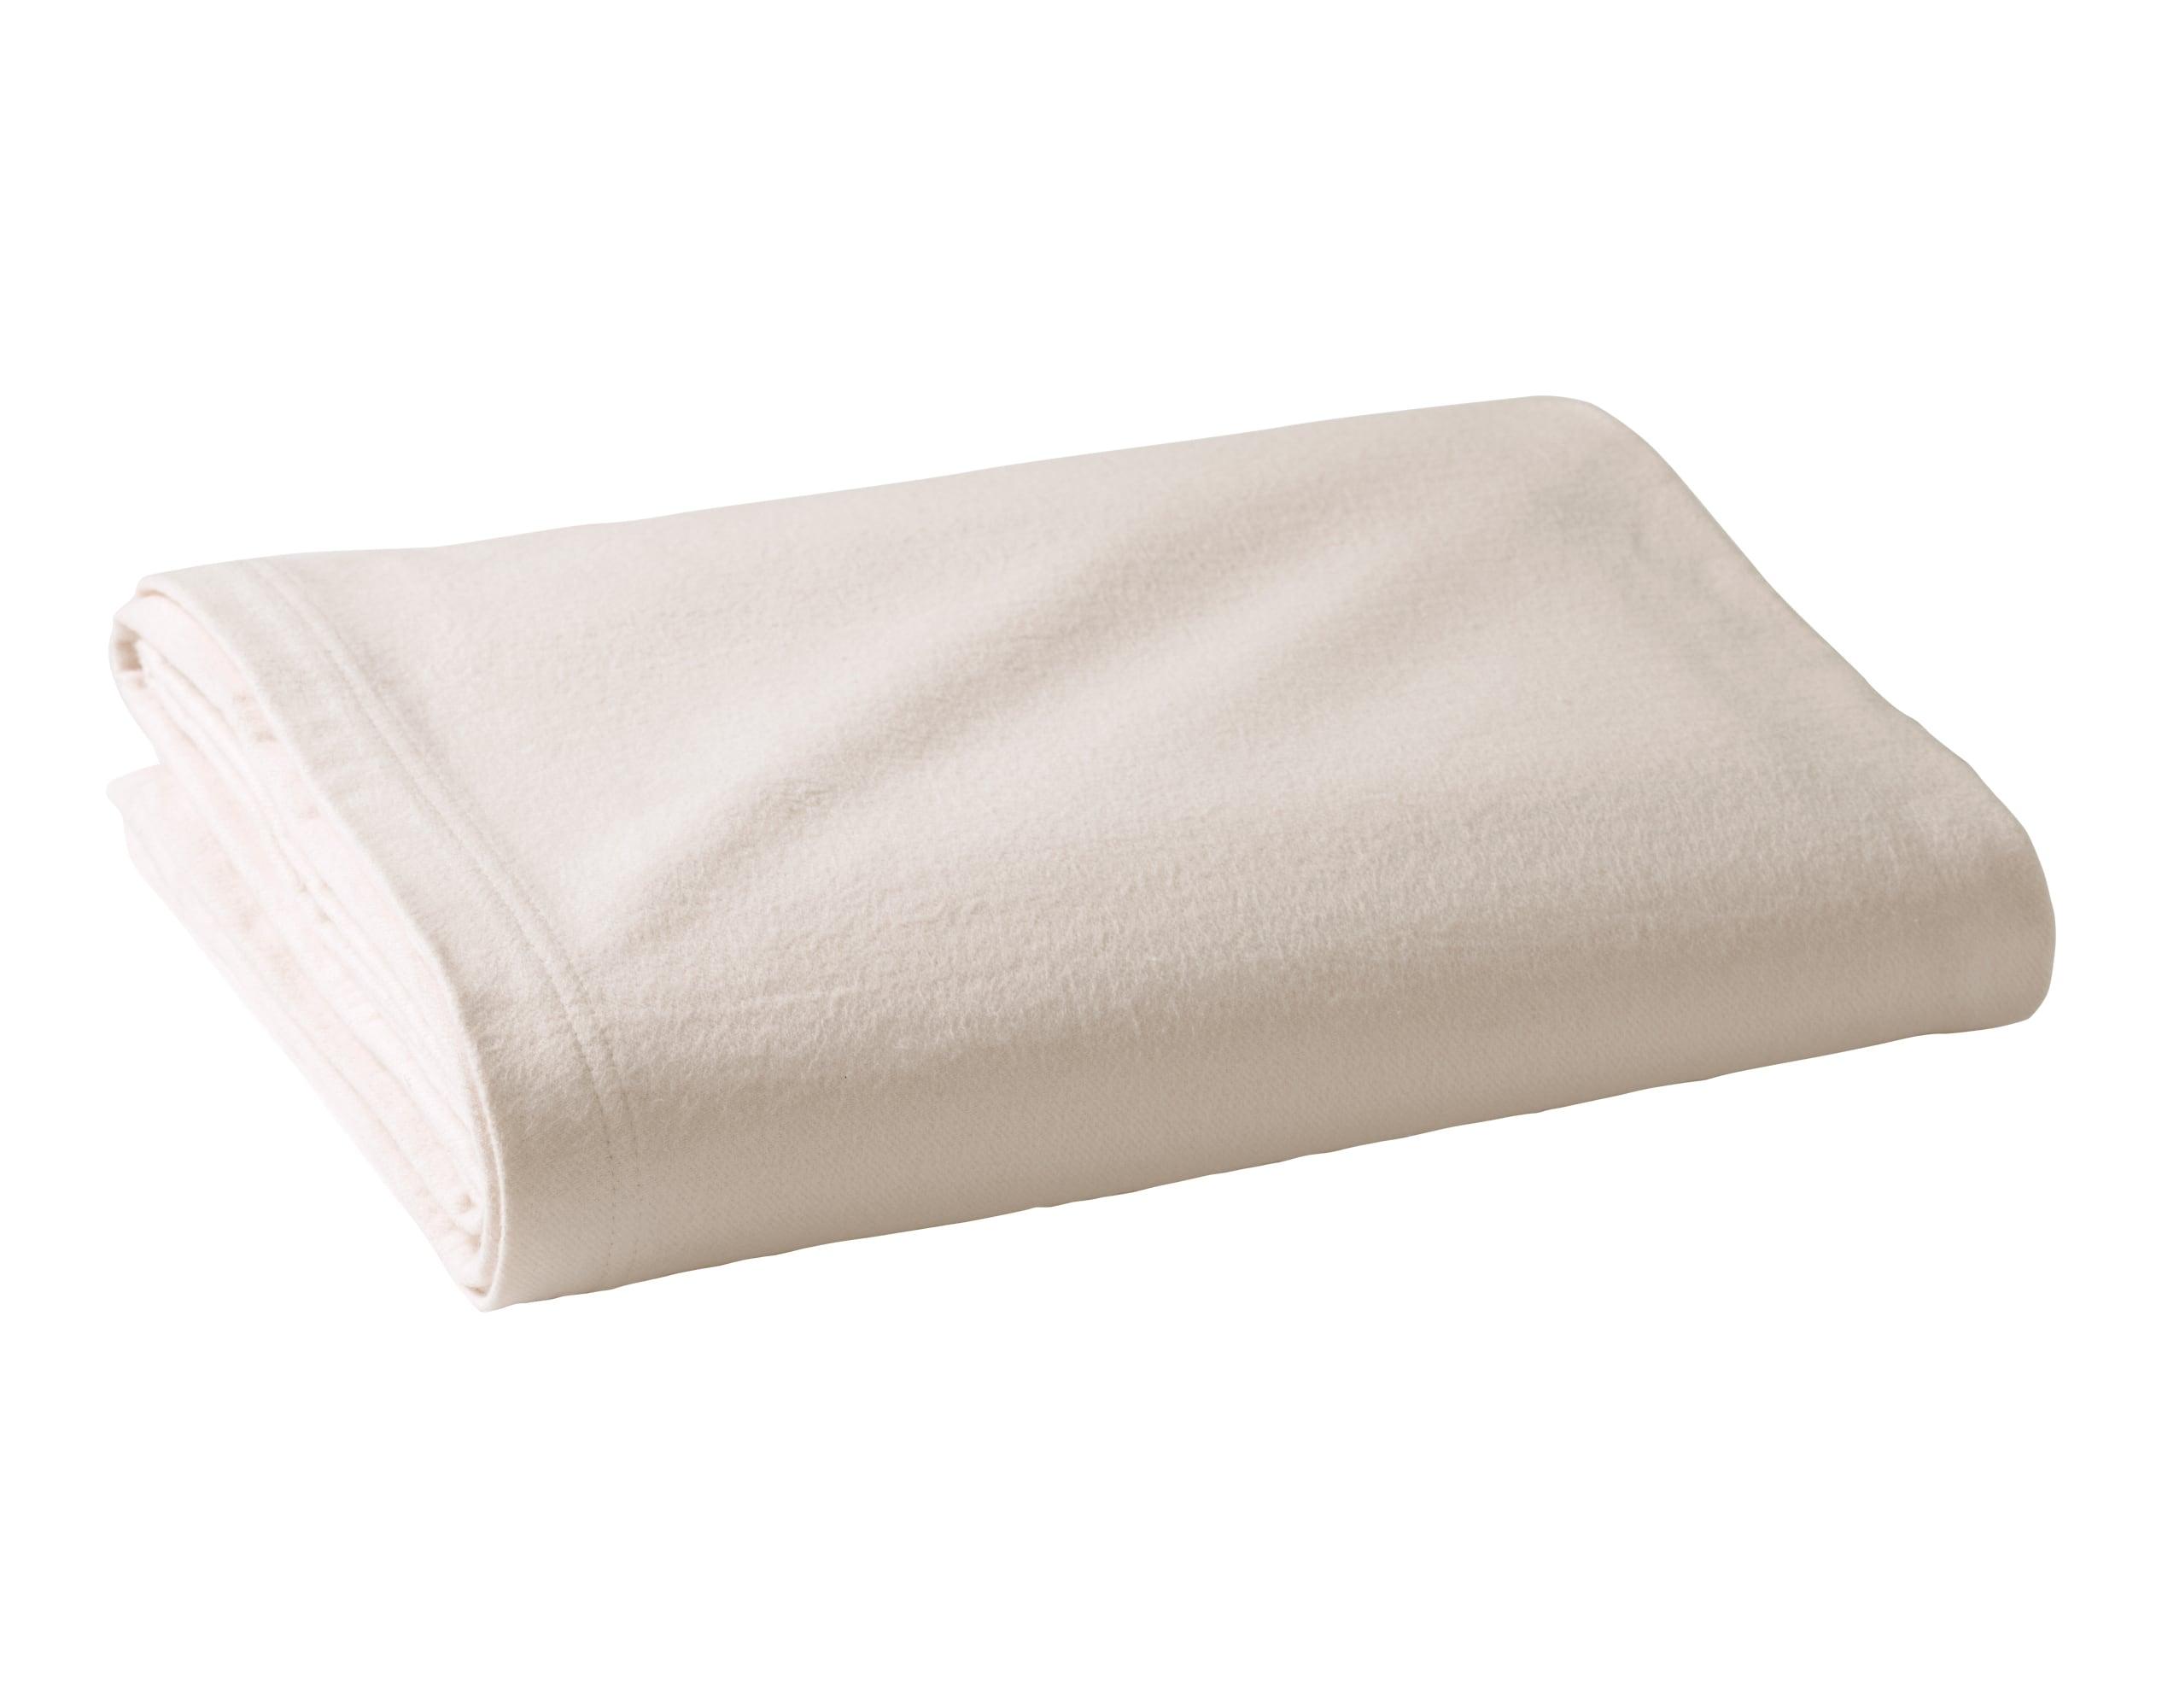 Couverture d'été 180x240 grise en coton